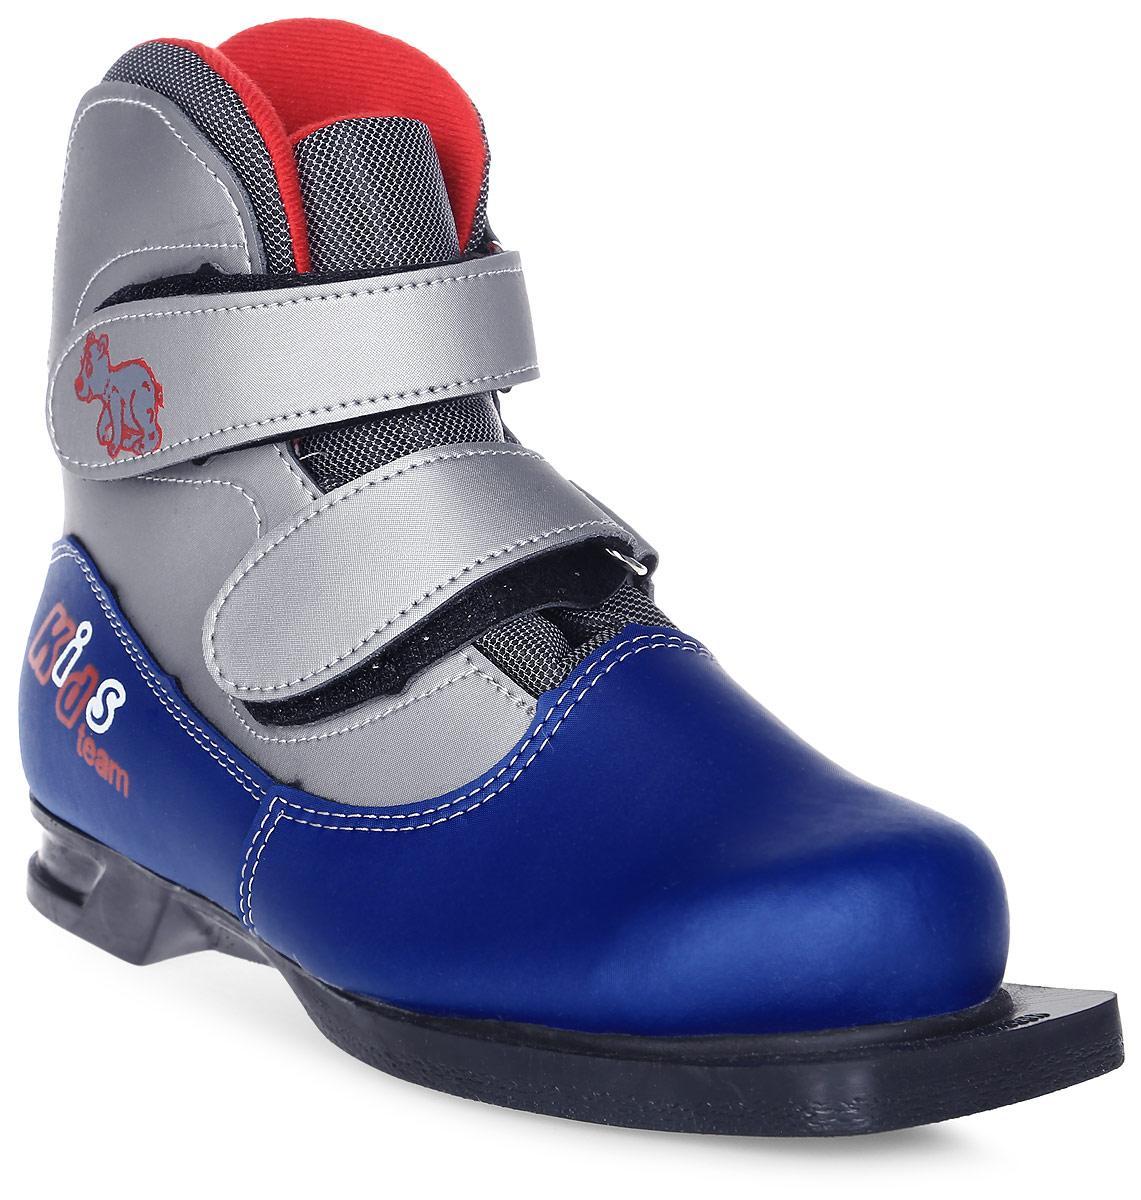 Ботинки лыжные детские Marax, цвет: серый, синий. NN75. Размер 36NN75 KidsчЛыжные детские ботинки Marax предназначены для активного отдыха. Модель изготовлена из морозостойкой искусственной кожи и текстиля. Подкладка выполнена из искусственного меха и флиса, благодаря чему ваши ноги всегда будут в тепле. Шерстяная стелька комфортна при беге. Вставка на заднике обеспечивает дополнительную жесткость, позволяя дольше сохранять первоначальную форму ботинка и предотвращать натирание стопы. Ботинки снабжены удобными застежками-липучками, которые надежно фиксируют модель на ноге и регулируют объем, а также язычком-клапаном, который защищает от попадания снега и влаги. Подошва системы 75 мм из двухкомпонентной резины, является надежной и весьма простой системой крепежа и позволяет безбоязненно использовать ботинок до -30°С. В таких лыжных ботинках вам будет комфортно и уютно.